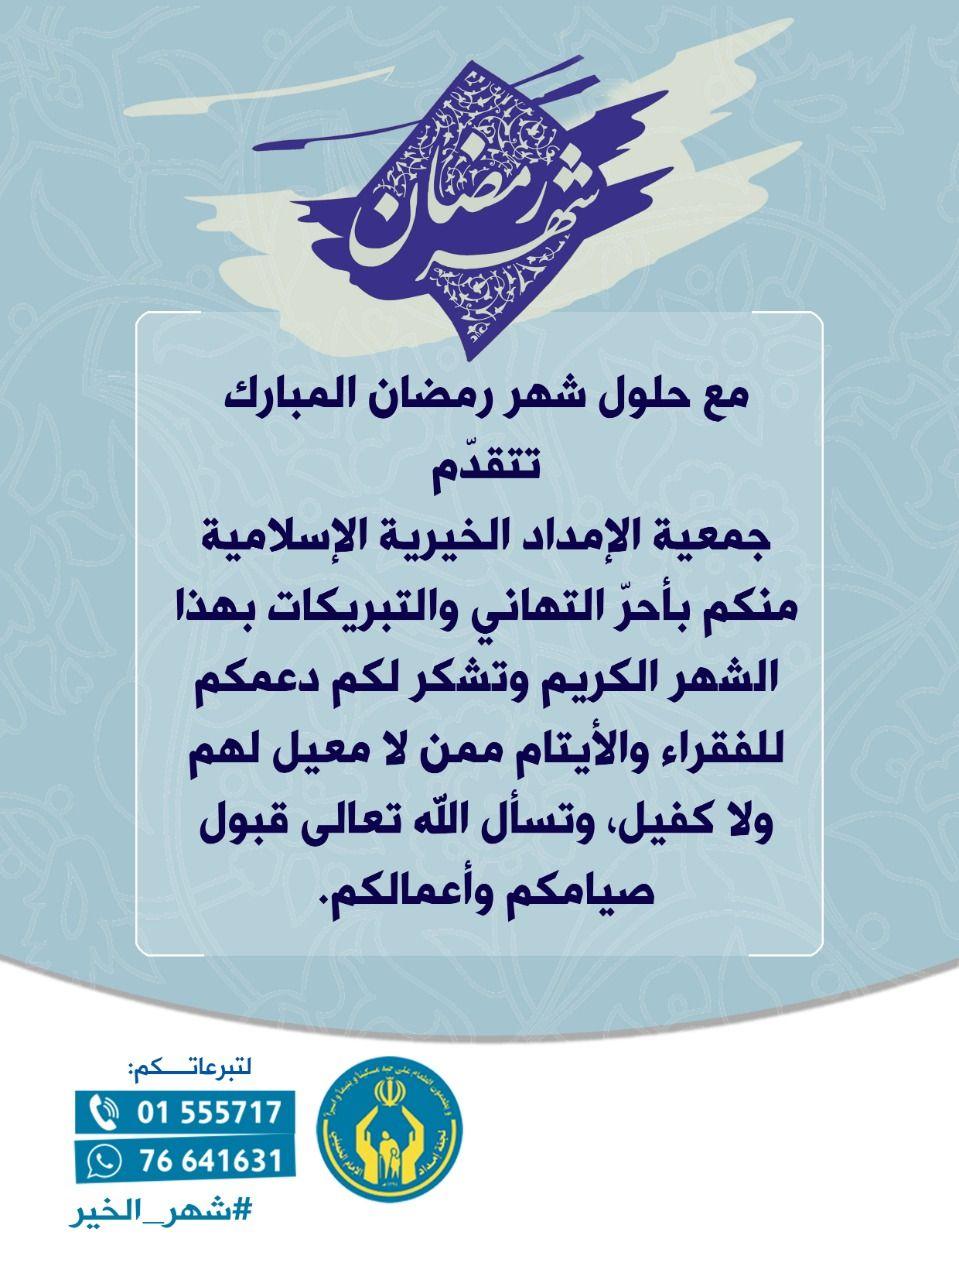 نبارك لكم حلول شهر رمضان المبارك إرادة وإيمان جمعية الإمداد كلنا إمداد Social Security Card Facebook Sign Up Personalized Items